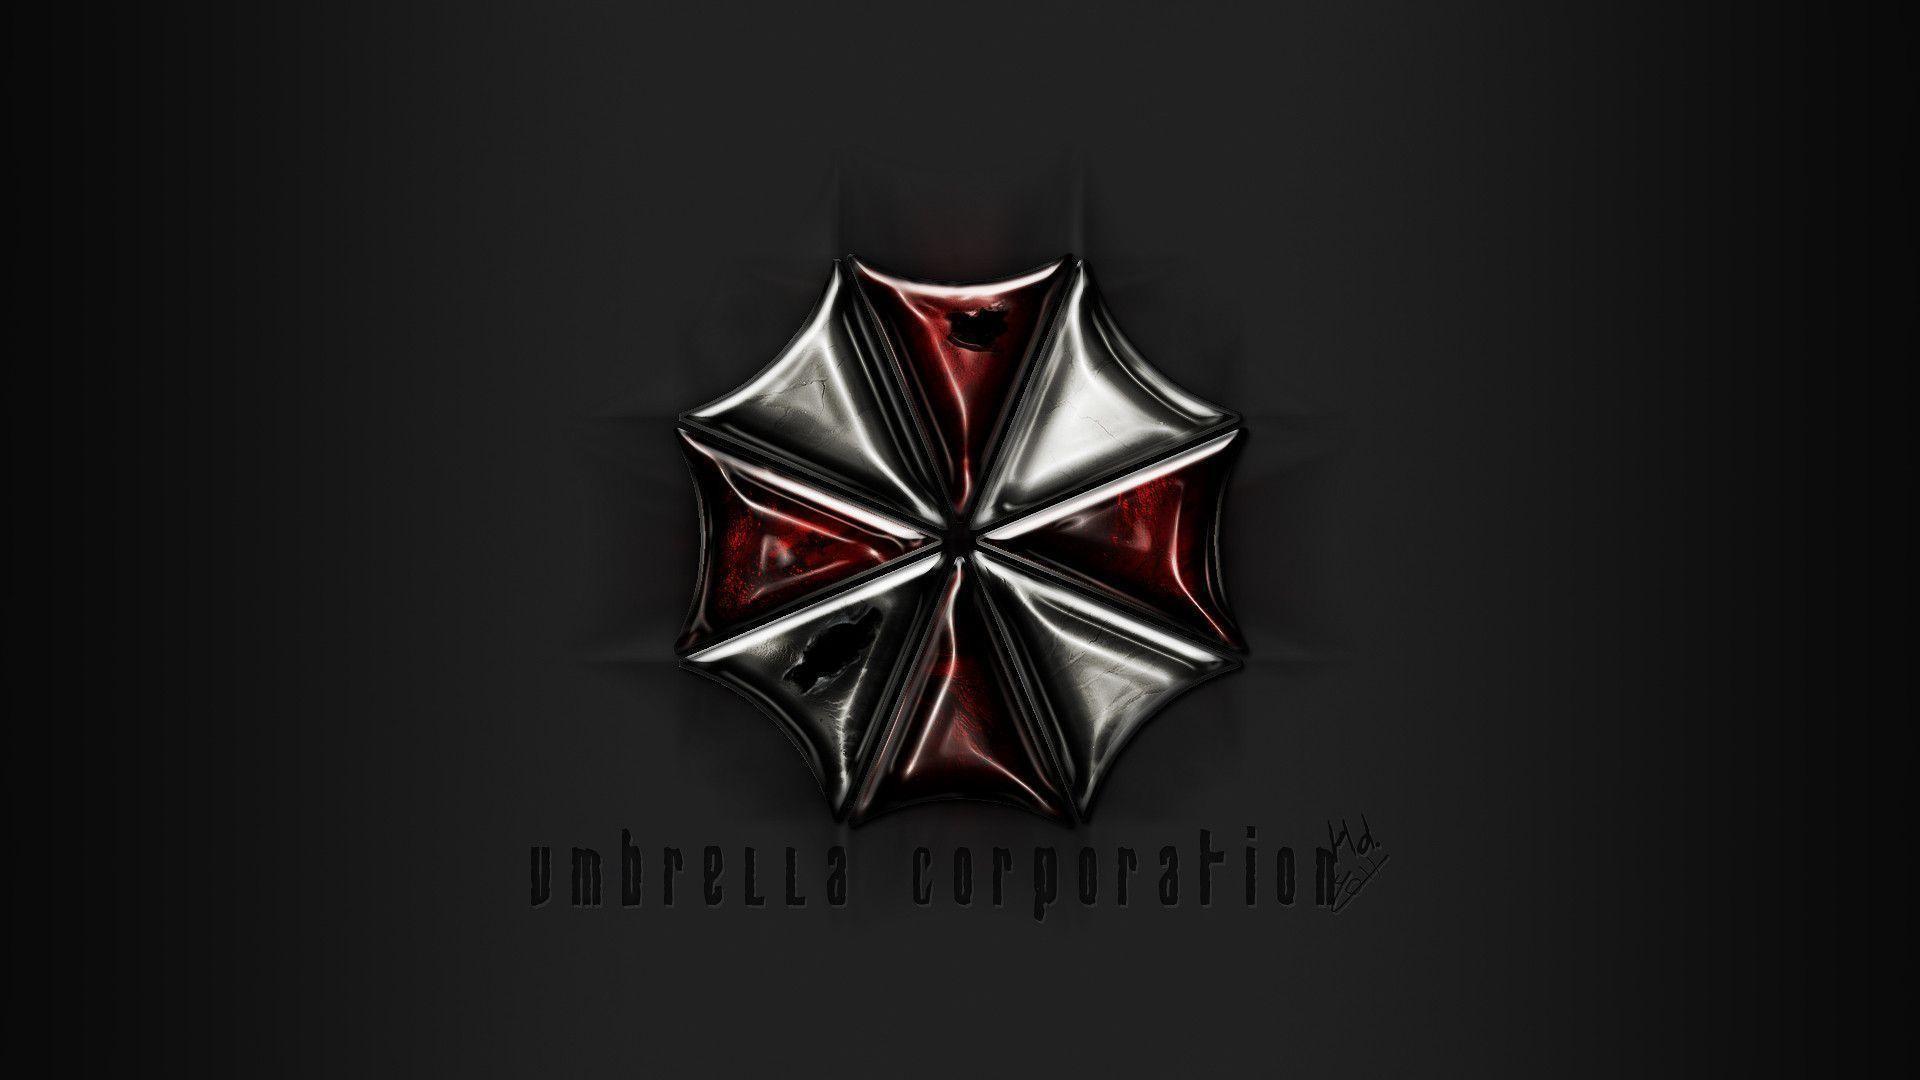 Umbrella Corporation Wallpaper 1080p Umbrella Corporation L...